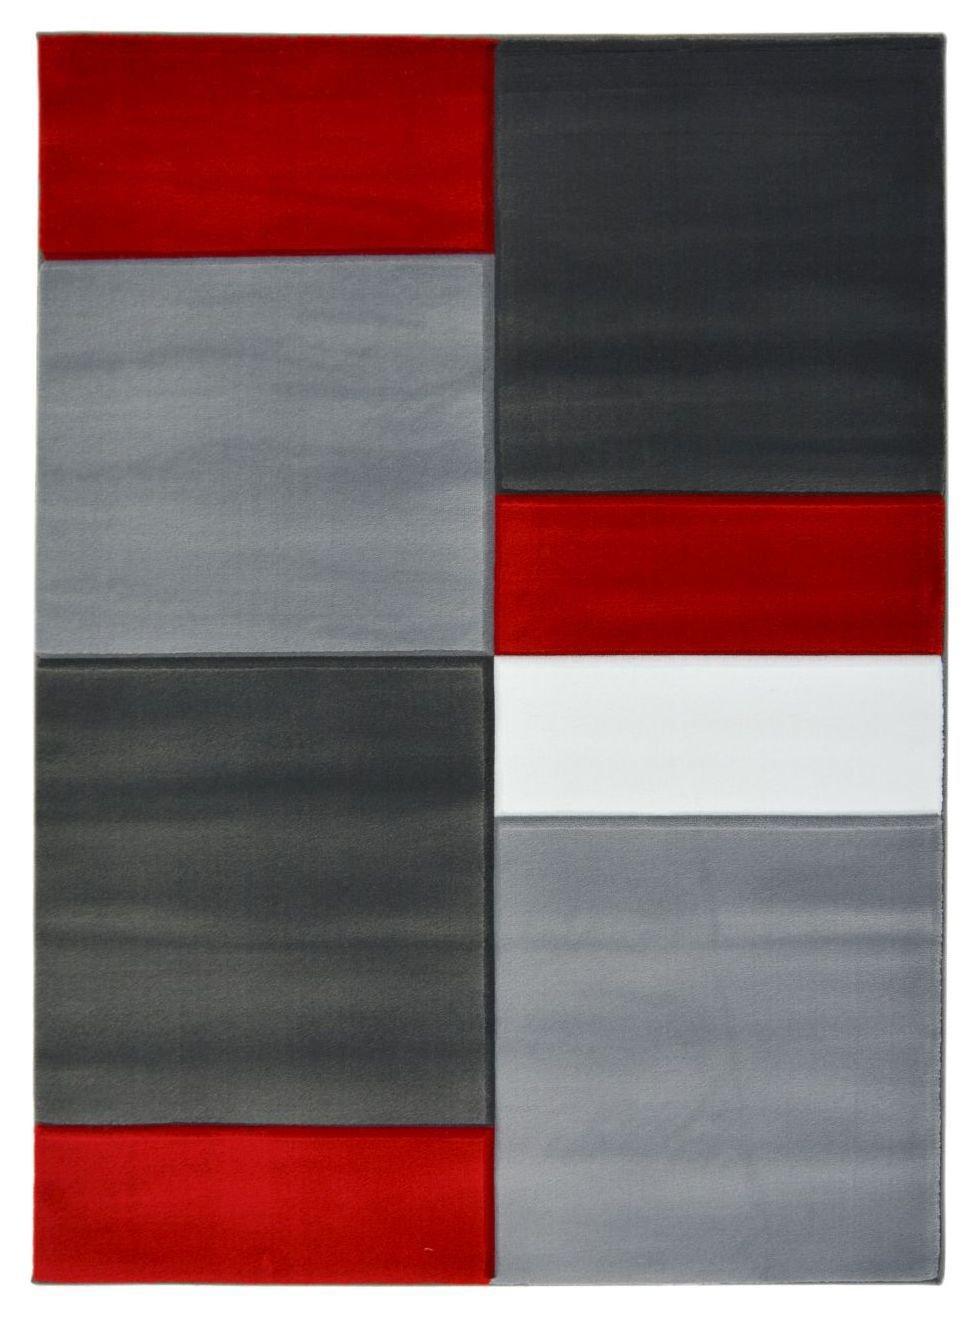 Homemaker Melrose Daytona Blocks Rug - 120x170cm - Red